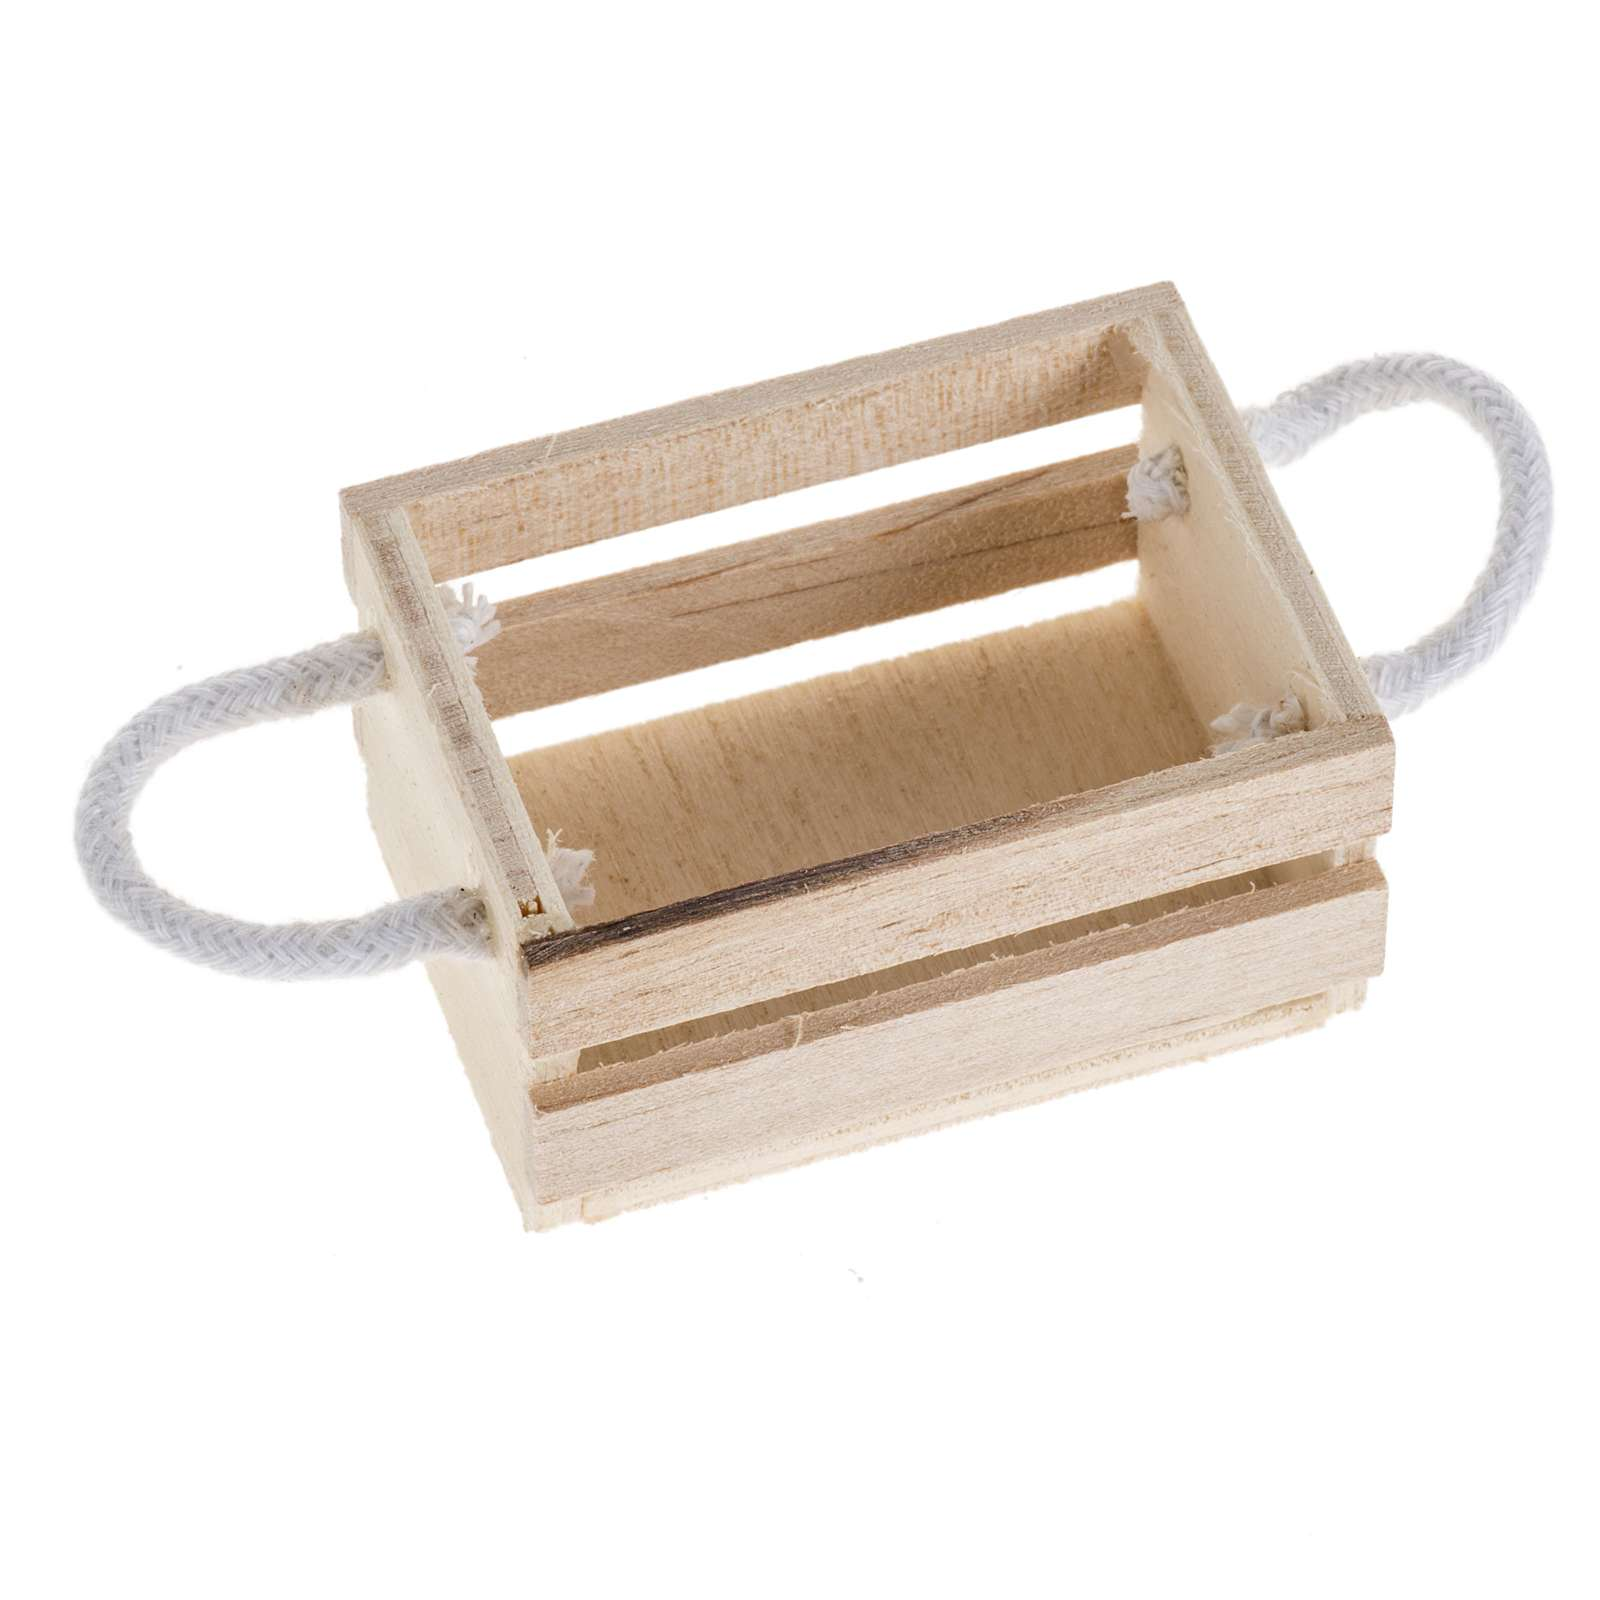 Skrzynka drewno uchwyty ze sznurka 4